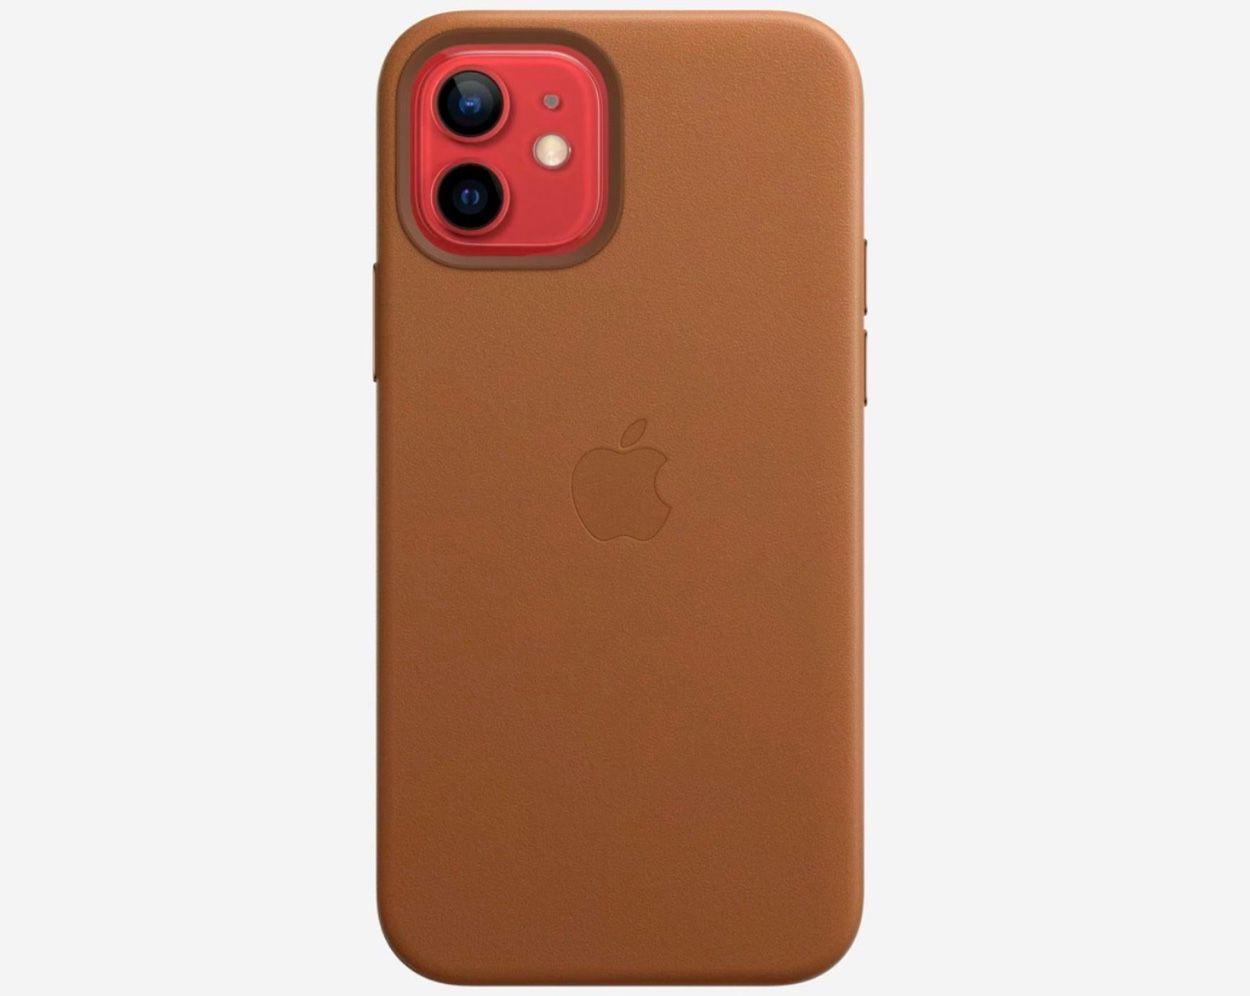 L'étui en cuir Apple pour iPhone 12 commercialisé le 6 novembre ...